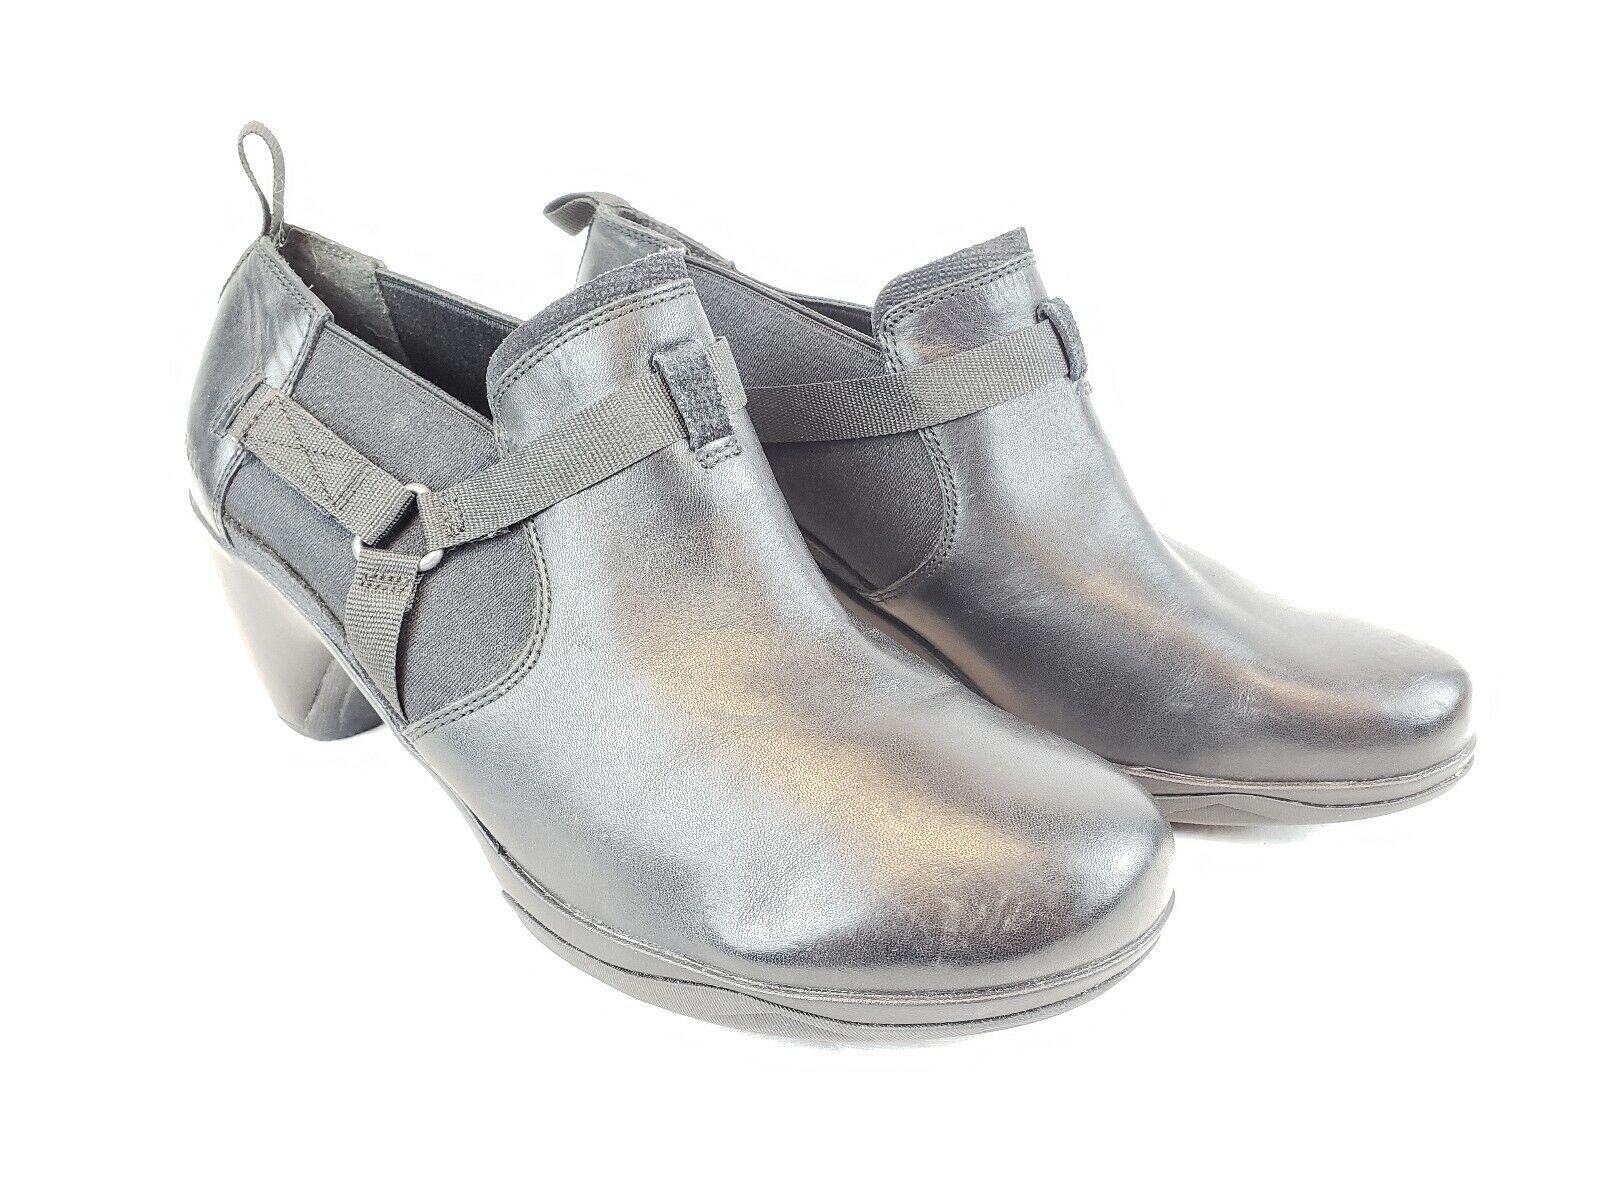 Women's Merrell Black leather wedge heel Booties Ankle Boots Sz 10